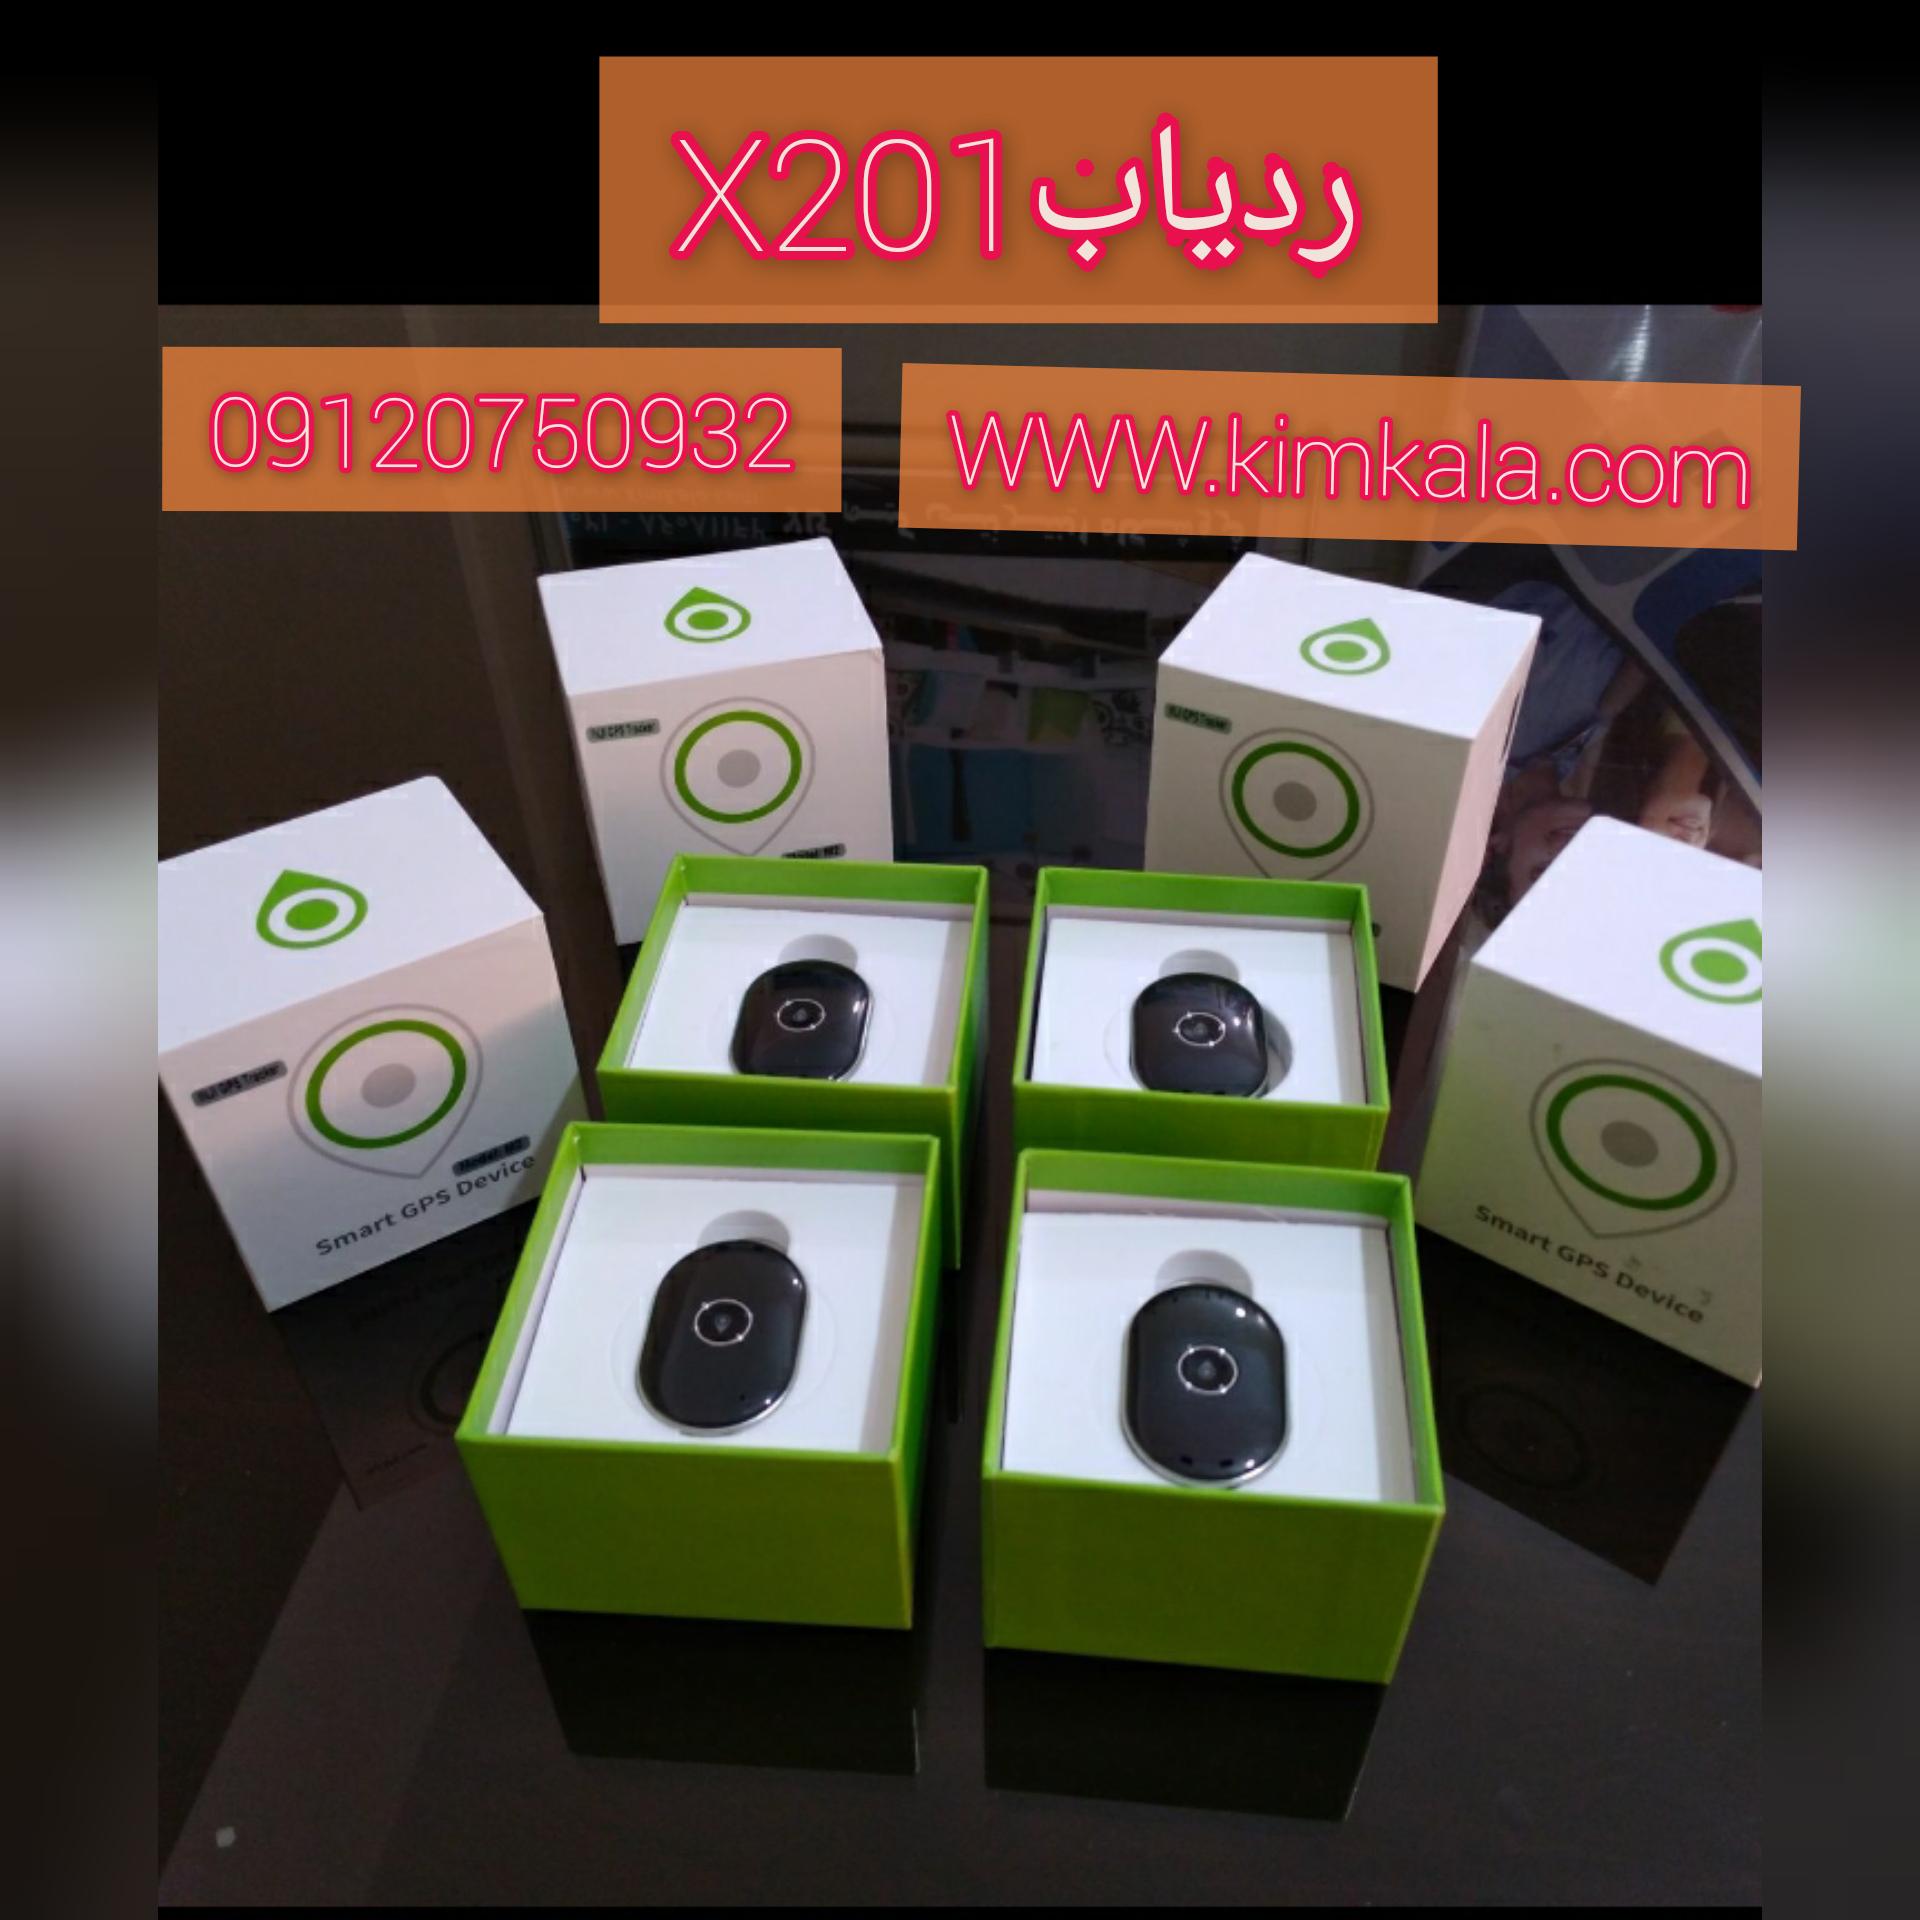 ردیاب همراه و سیار X201/قیمت ردیاب/09120750932